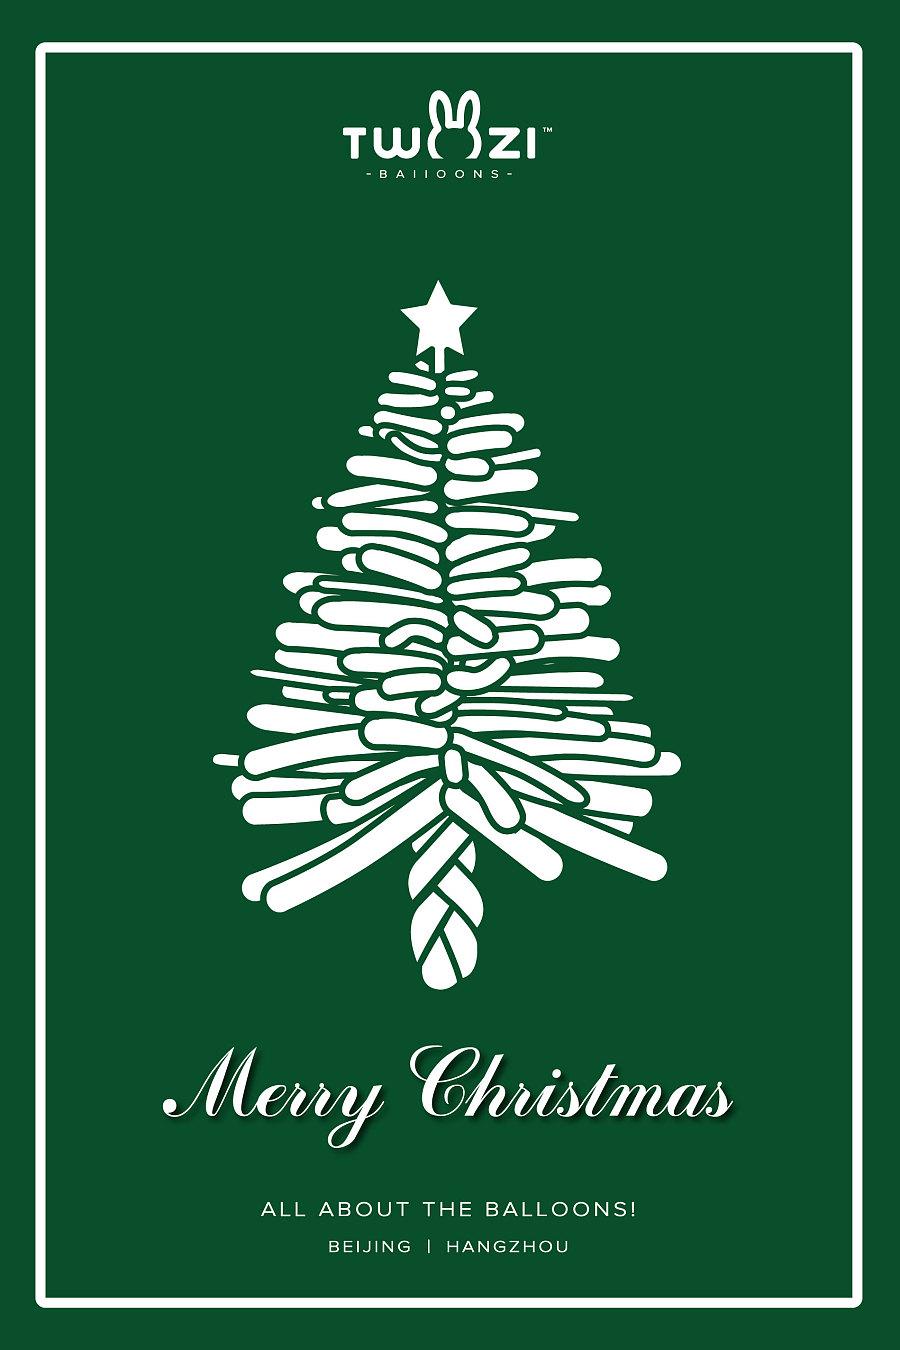 圣诞手绘海报